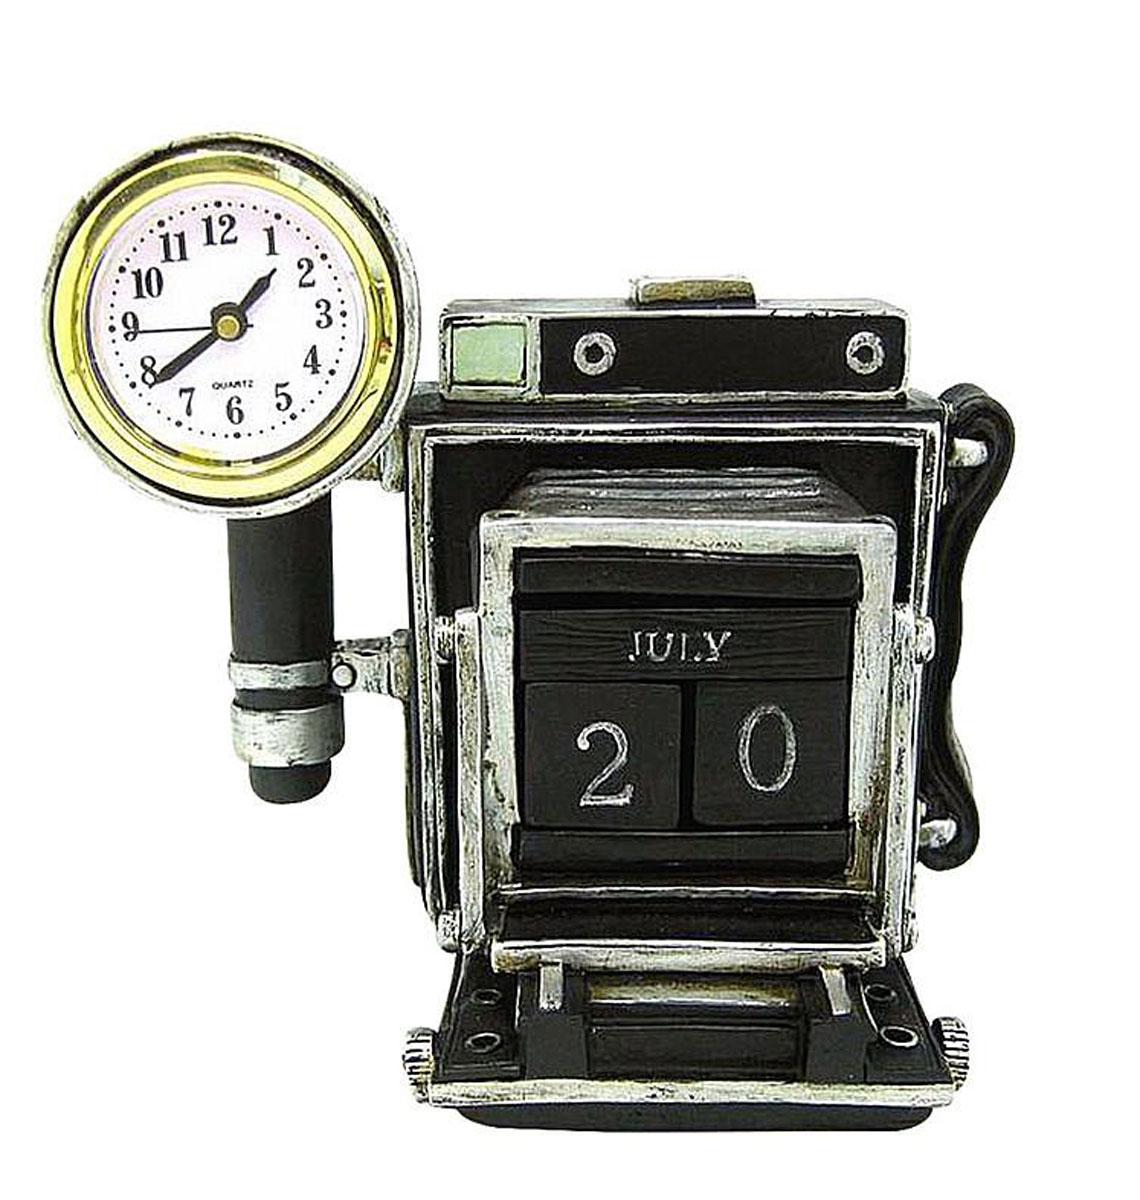 Календарь настольный Miolla Ретро фотокамера, с часамиC2514119SНастольный календарь с часами Ретро фотокамера, выполнен из полирезины. Размер изделия: 13 х 13 х 10 см.